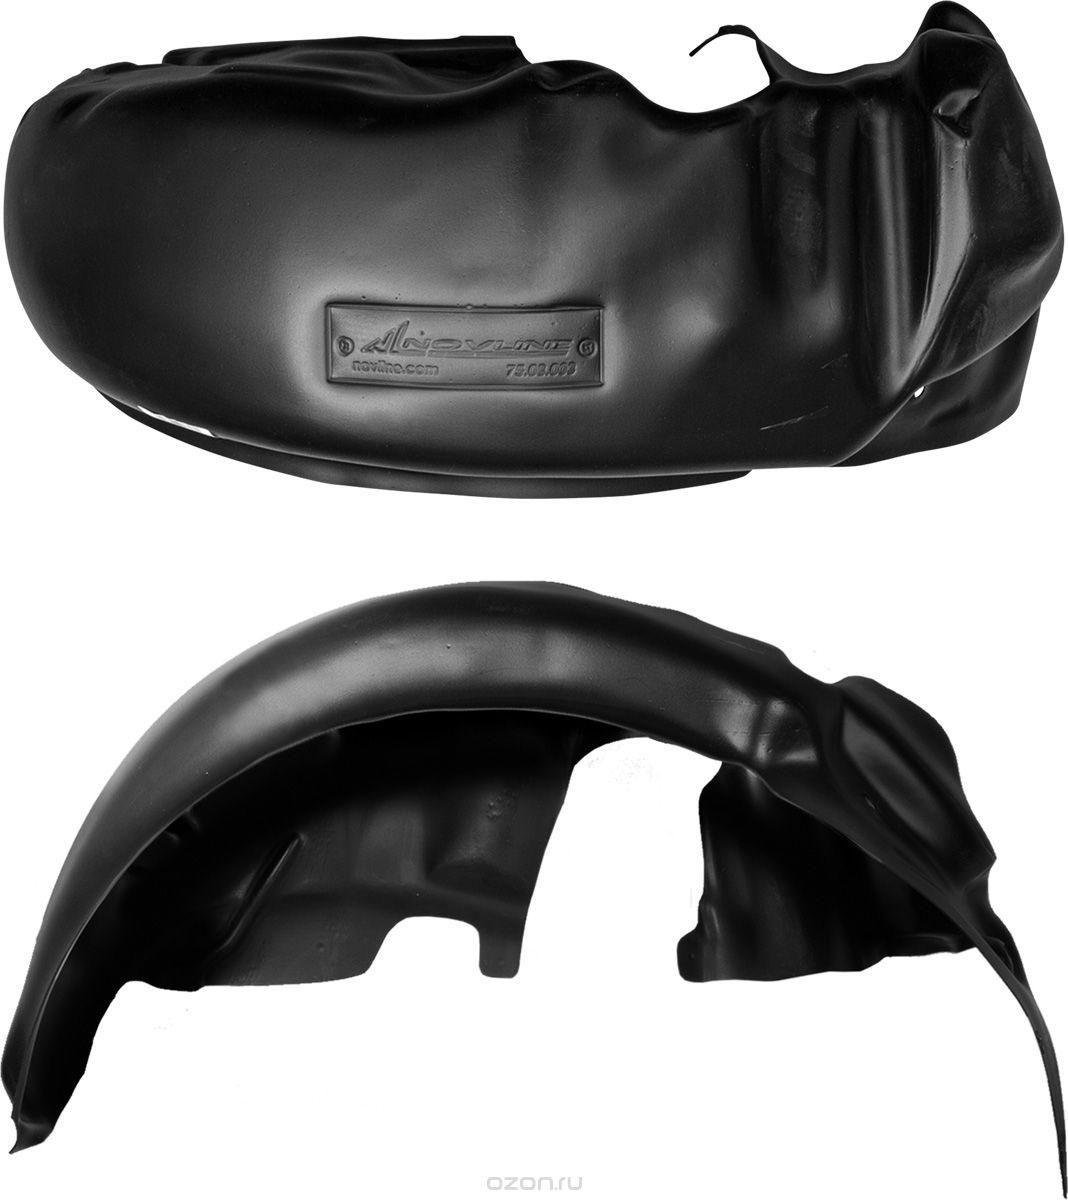 Подкрылок Novline-Autofamily, для ГАЗ Газель Next, 2013->, передний правыйNLL.53.03.002Идеальная защита колесной ниши. Локеры разработаны с применением цифровых технологий, гарантируют максимальную повторяемость поверхности арки. Изделия устанавливаются без нарушения лакокрасочного покрытия автомобиля, каждый подкрылок комплектуется крепежом. Уважаемые клиенты, обращаем ваше внимание, что фотографии на подкрылки универсальные и не отражают реальную форму изделия. При этом само изделие идет точно под размер указанного автомобиля.